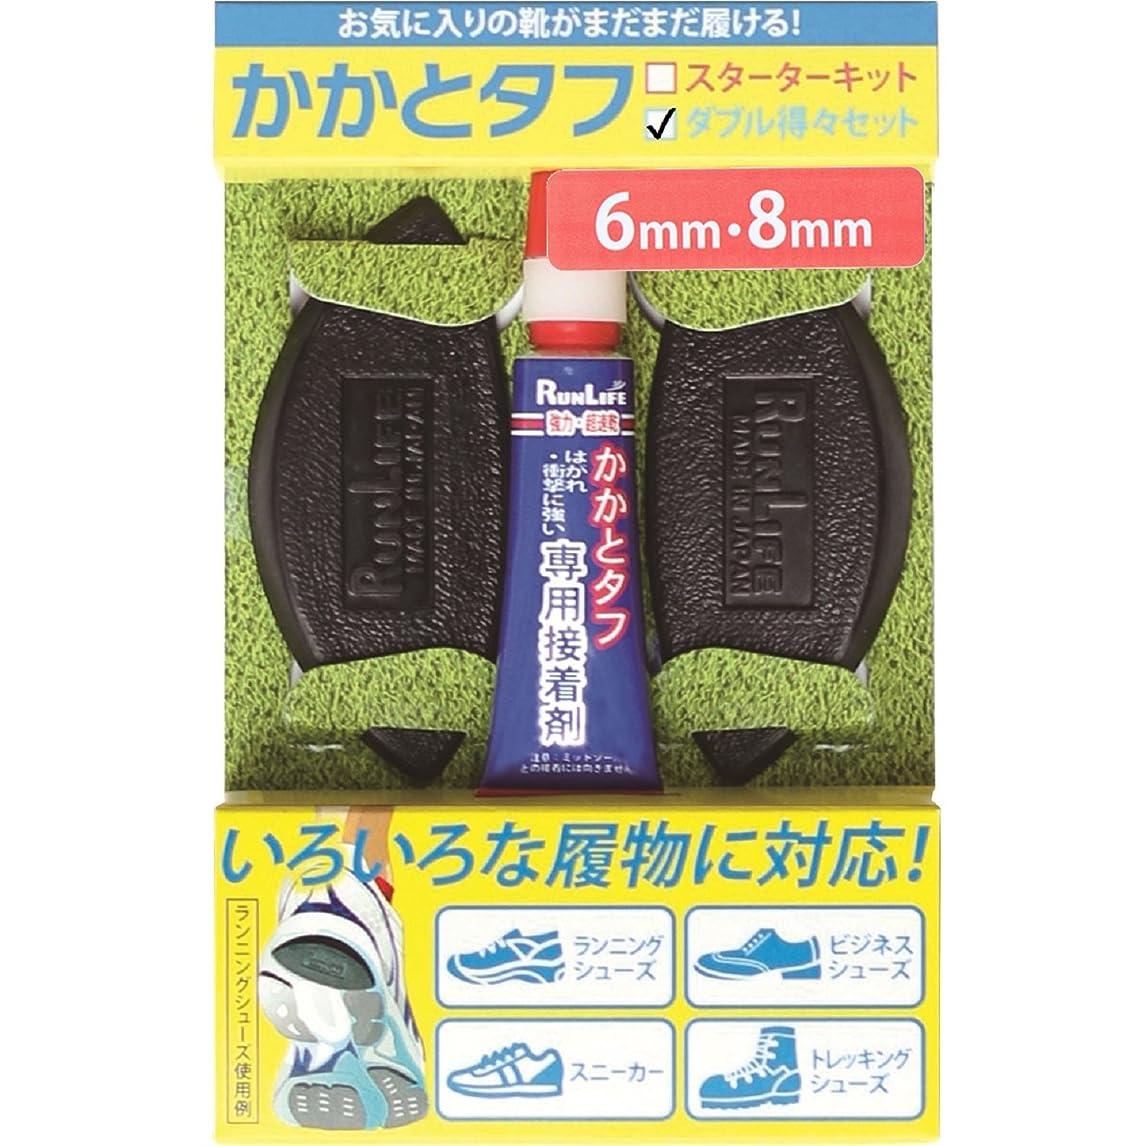 カフェスイス人ご飯RunLife(ランライフ) 靴修理 シューズ補修材『 かかとタフ 』 6mm?8mm ミックスダブル得々セット SKT-6M8M+SG